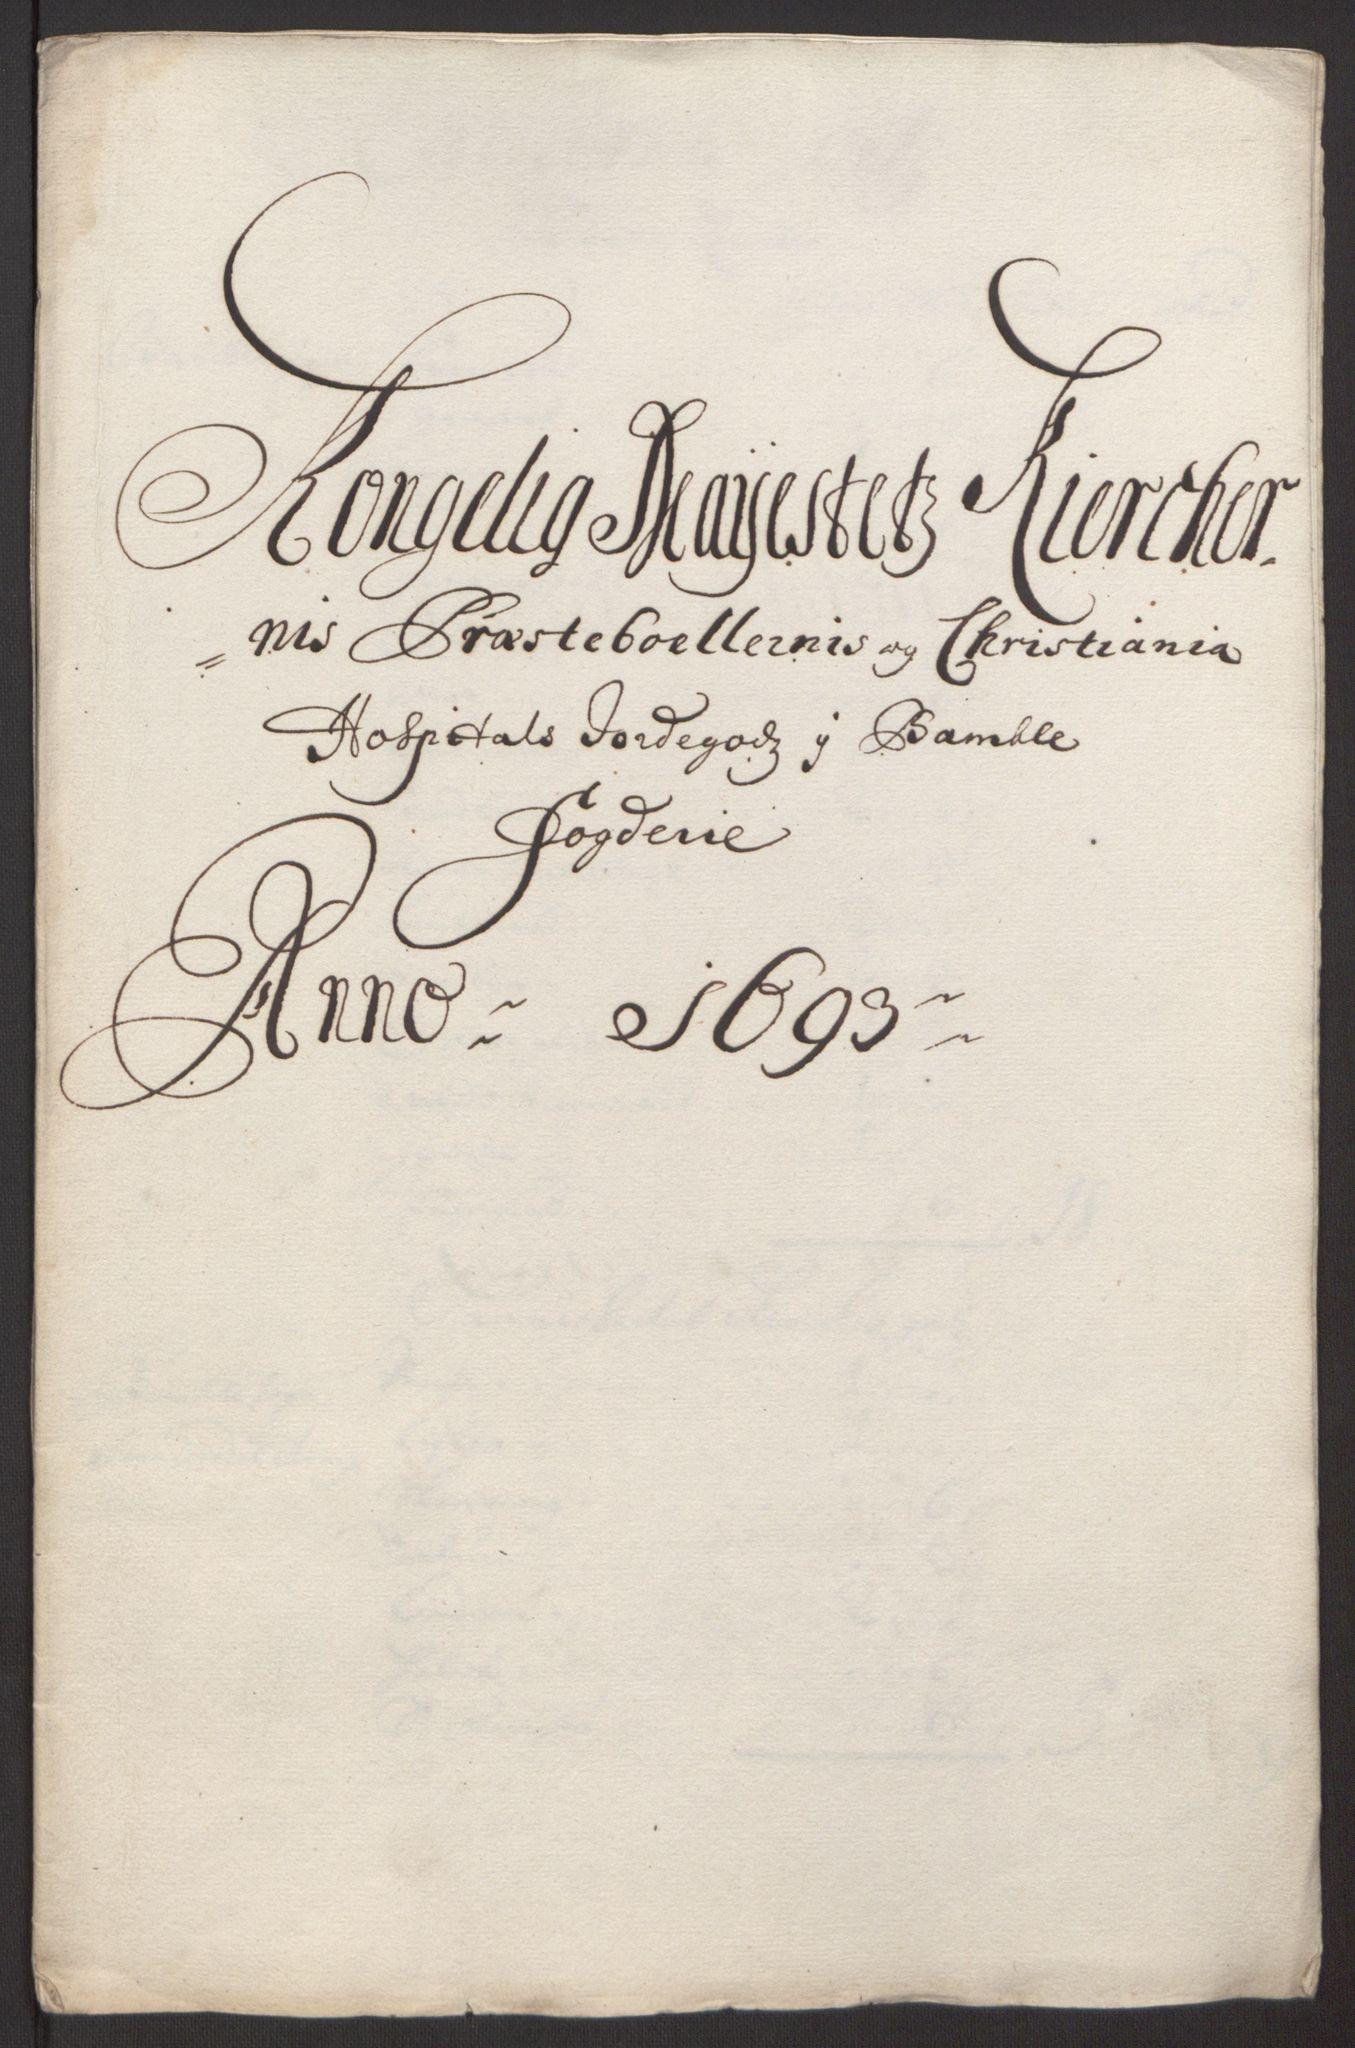 RA, Rentekammeret inntil 1814, Reviderte regnskaper, Fogderegnskap, R34/L2052: Fogderegnskap Bamble, 1692-1693, s. 360